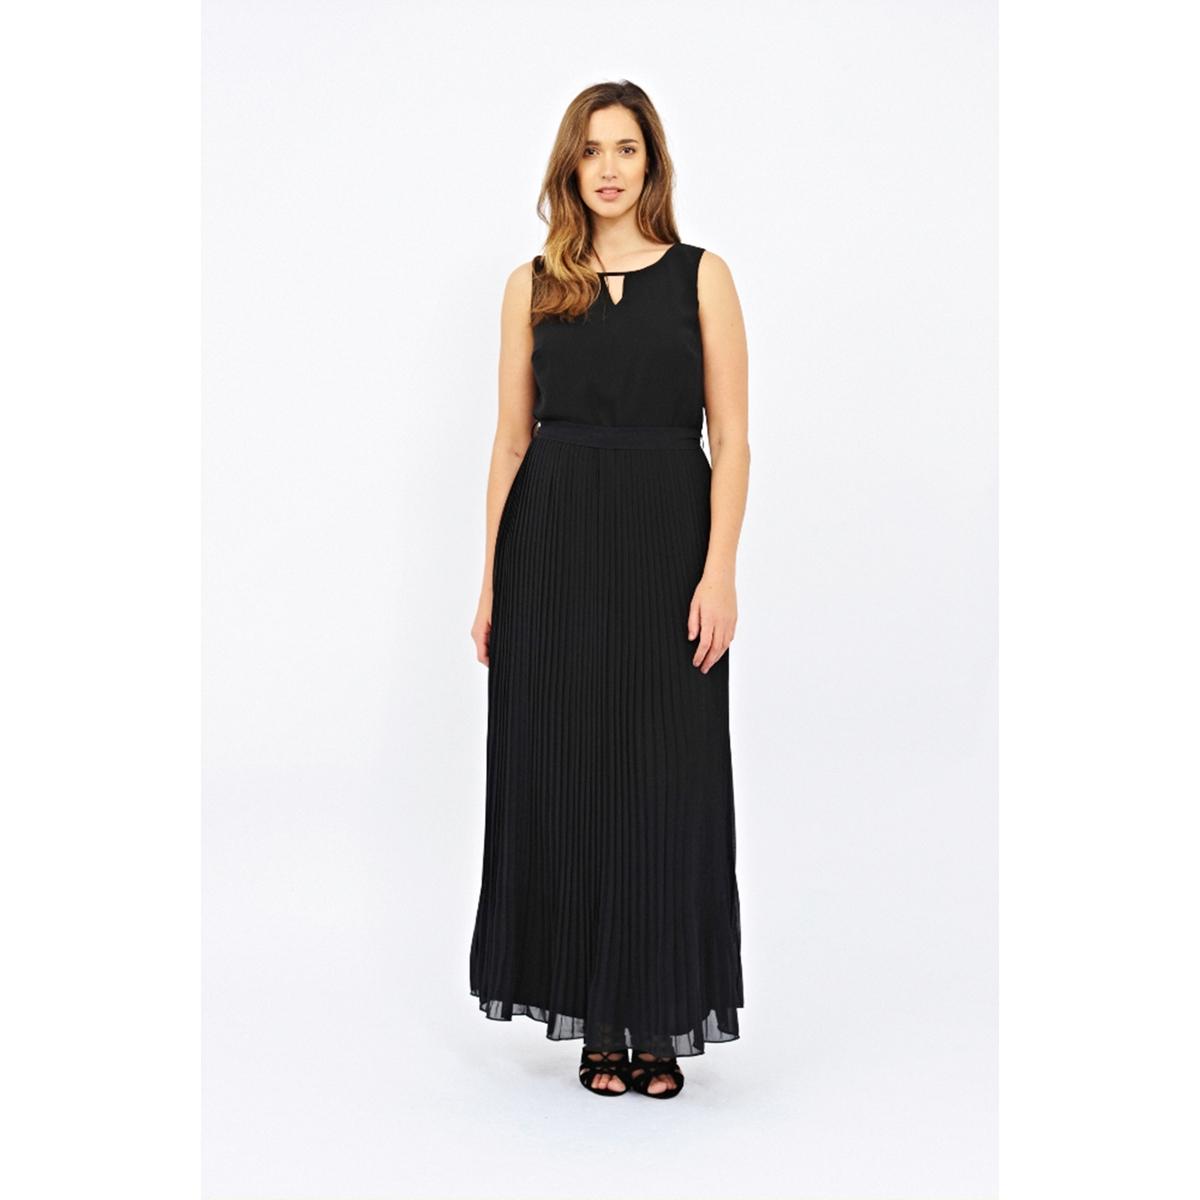 Платье длинноеПлатье длинное - LOVEDROBE. Без рукавов. Эффект плиссировки. Завязки на поясе. Красивый вырез спереди и сверху на спинке. Длина ок.147 см. 100% полиэстера.<br><br>Цвет: черный